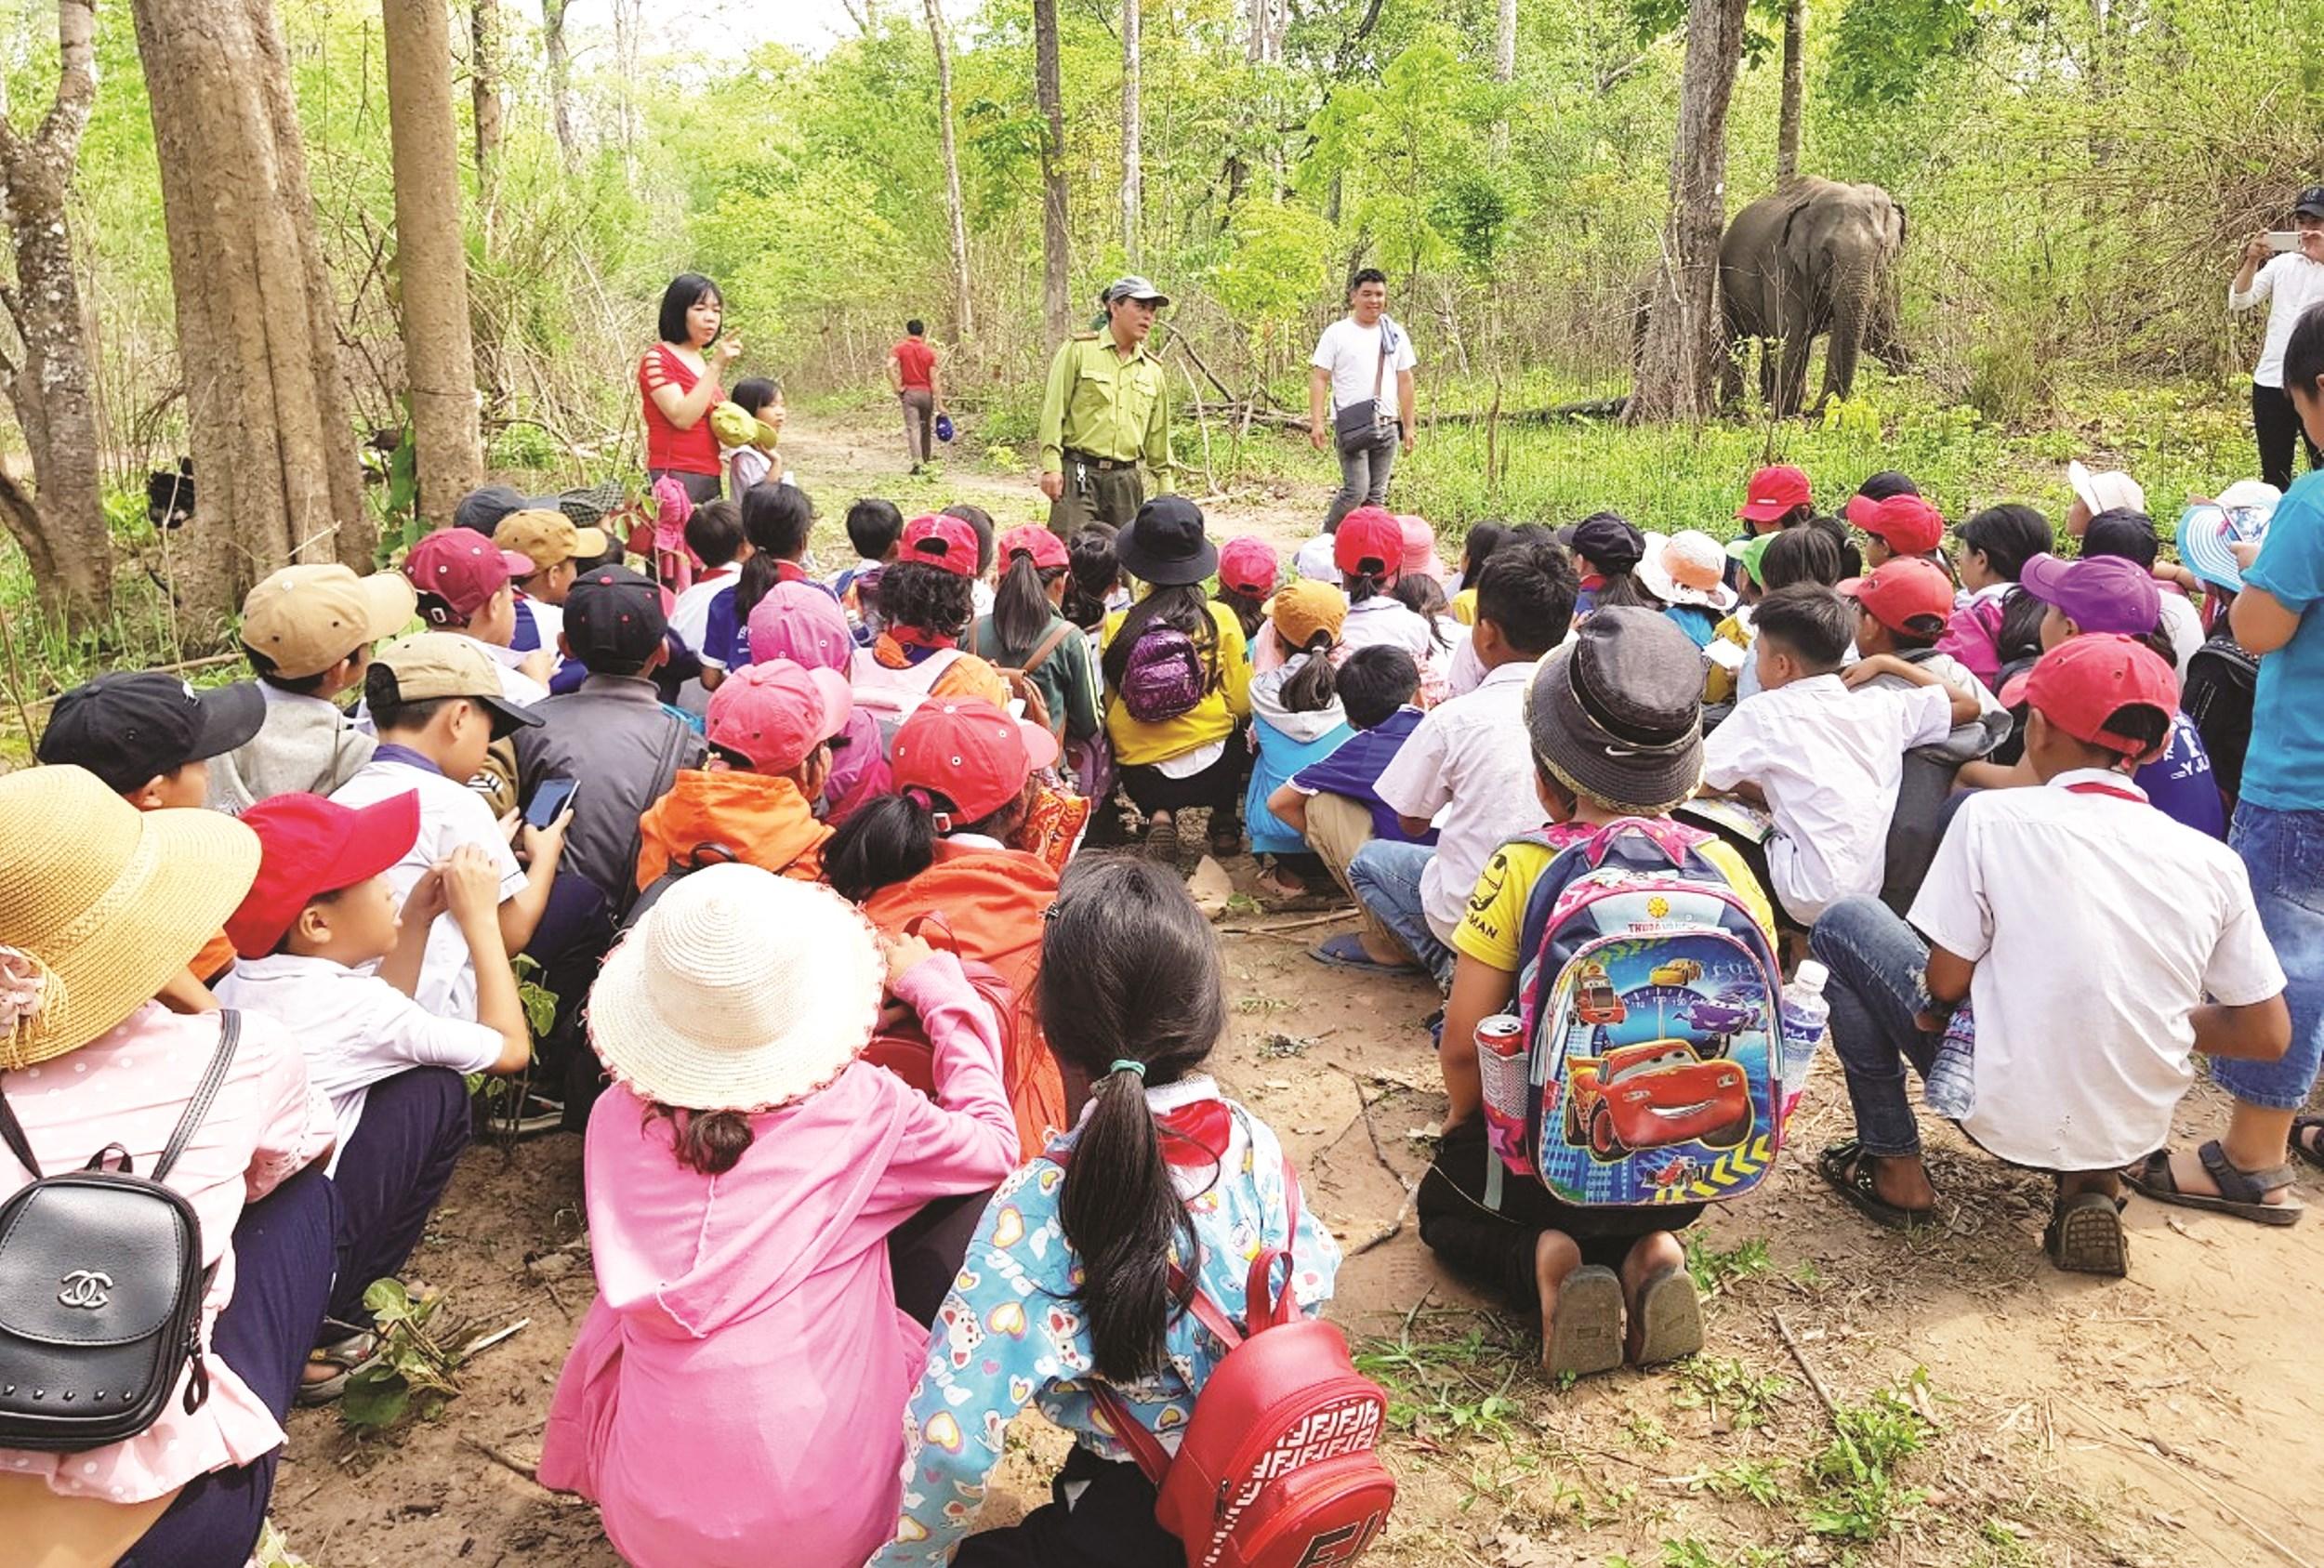 Cán bộ VQG Yok Đôn giới thiệu với đoàn học sinh về voi và hệ sinh thái VQG